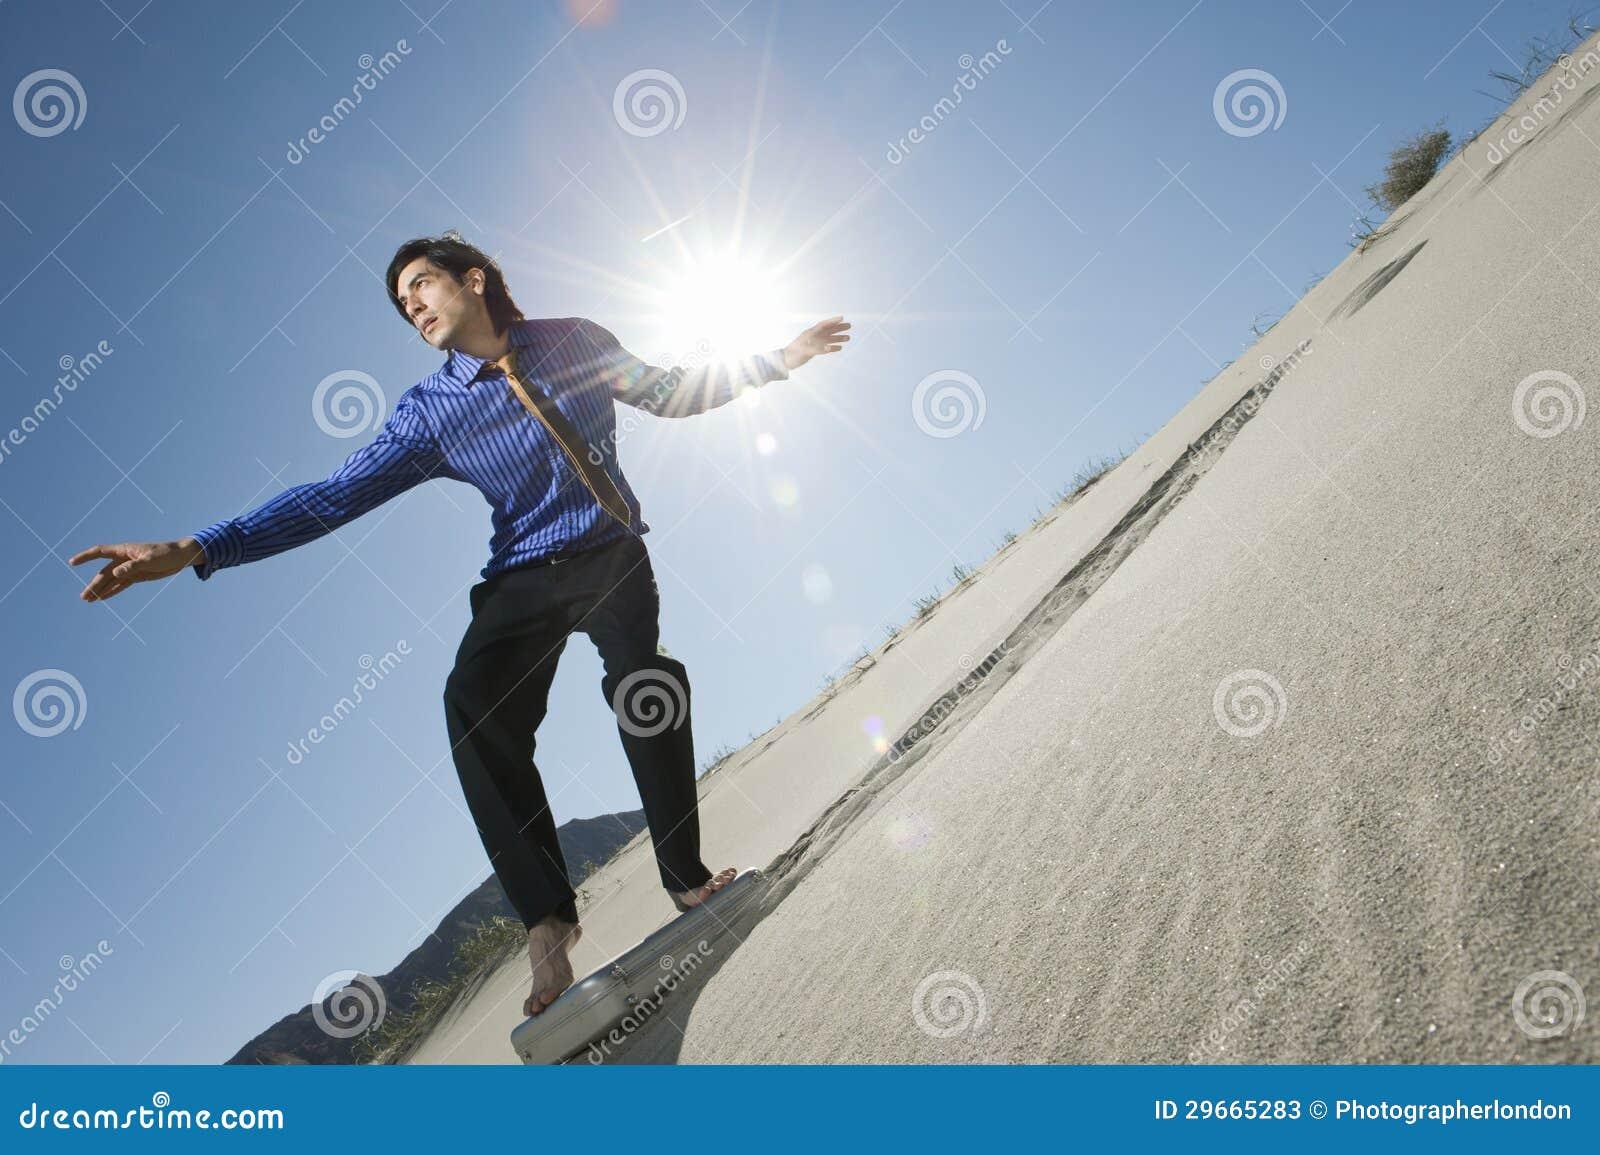 Cartera de Surfing Downhill On del hombre de negocios